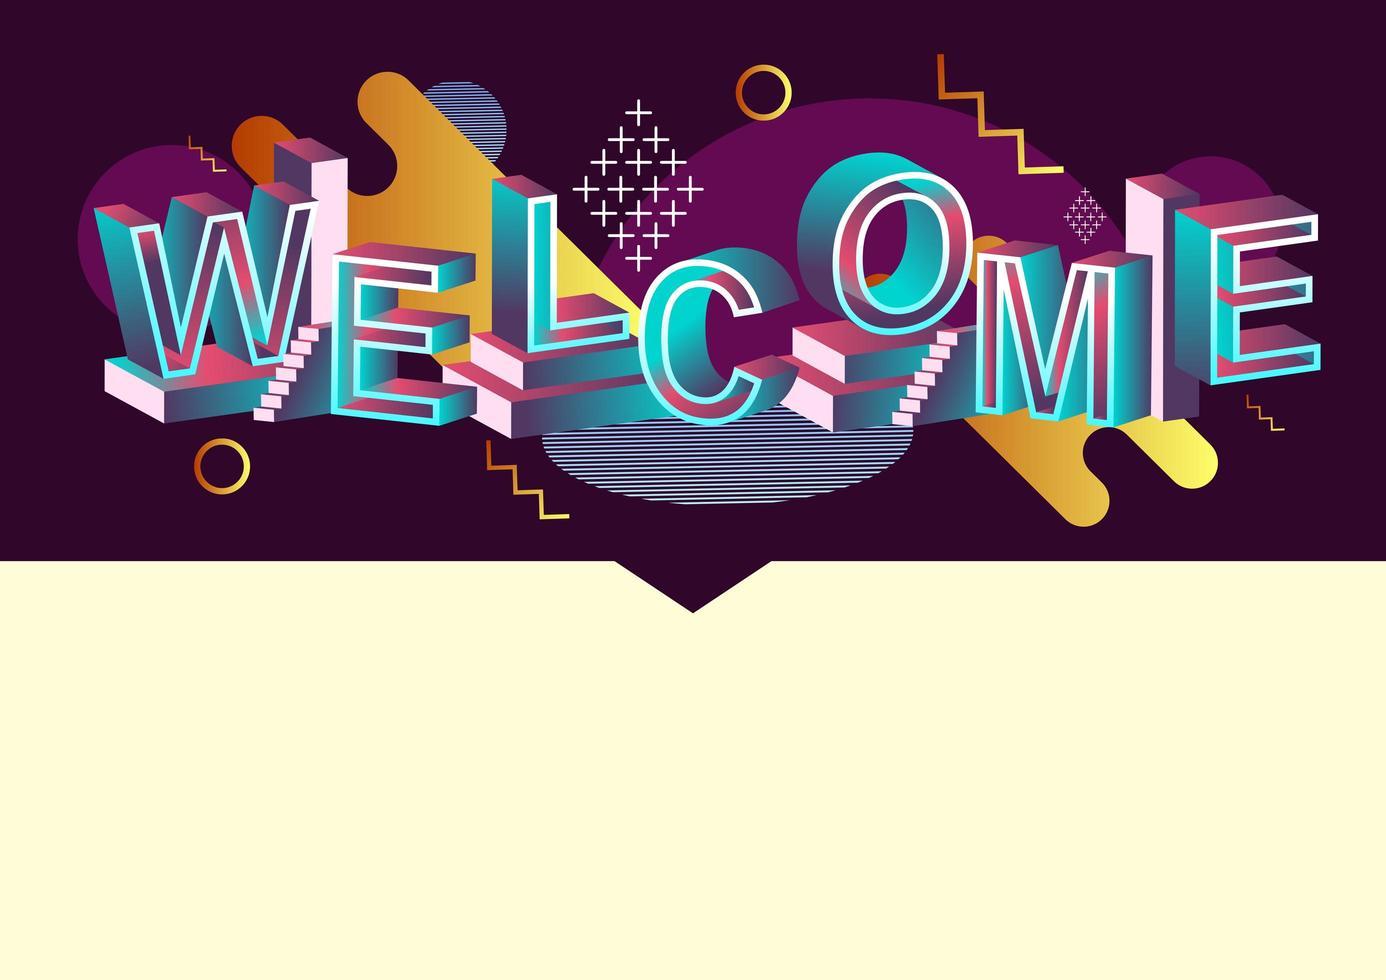 benvenuto concetto di tipografia con elementi grafici astratti vettore